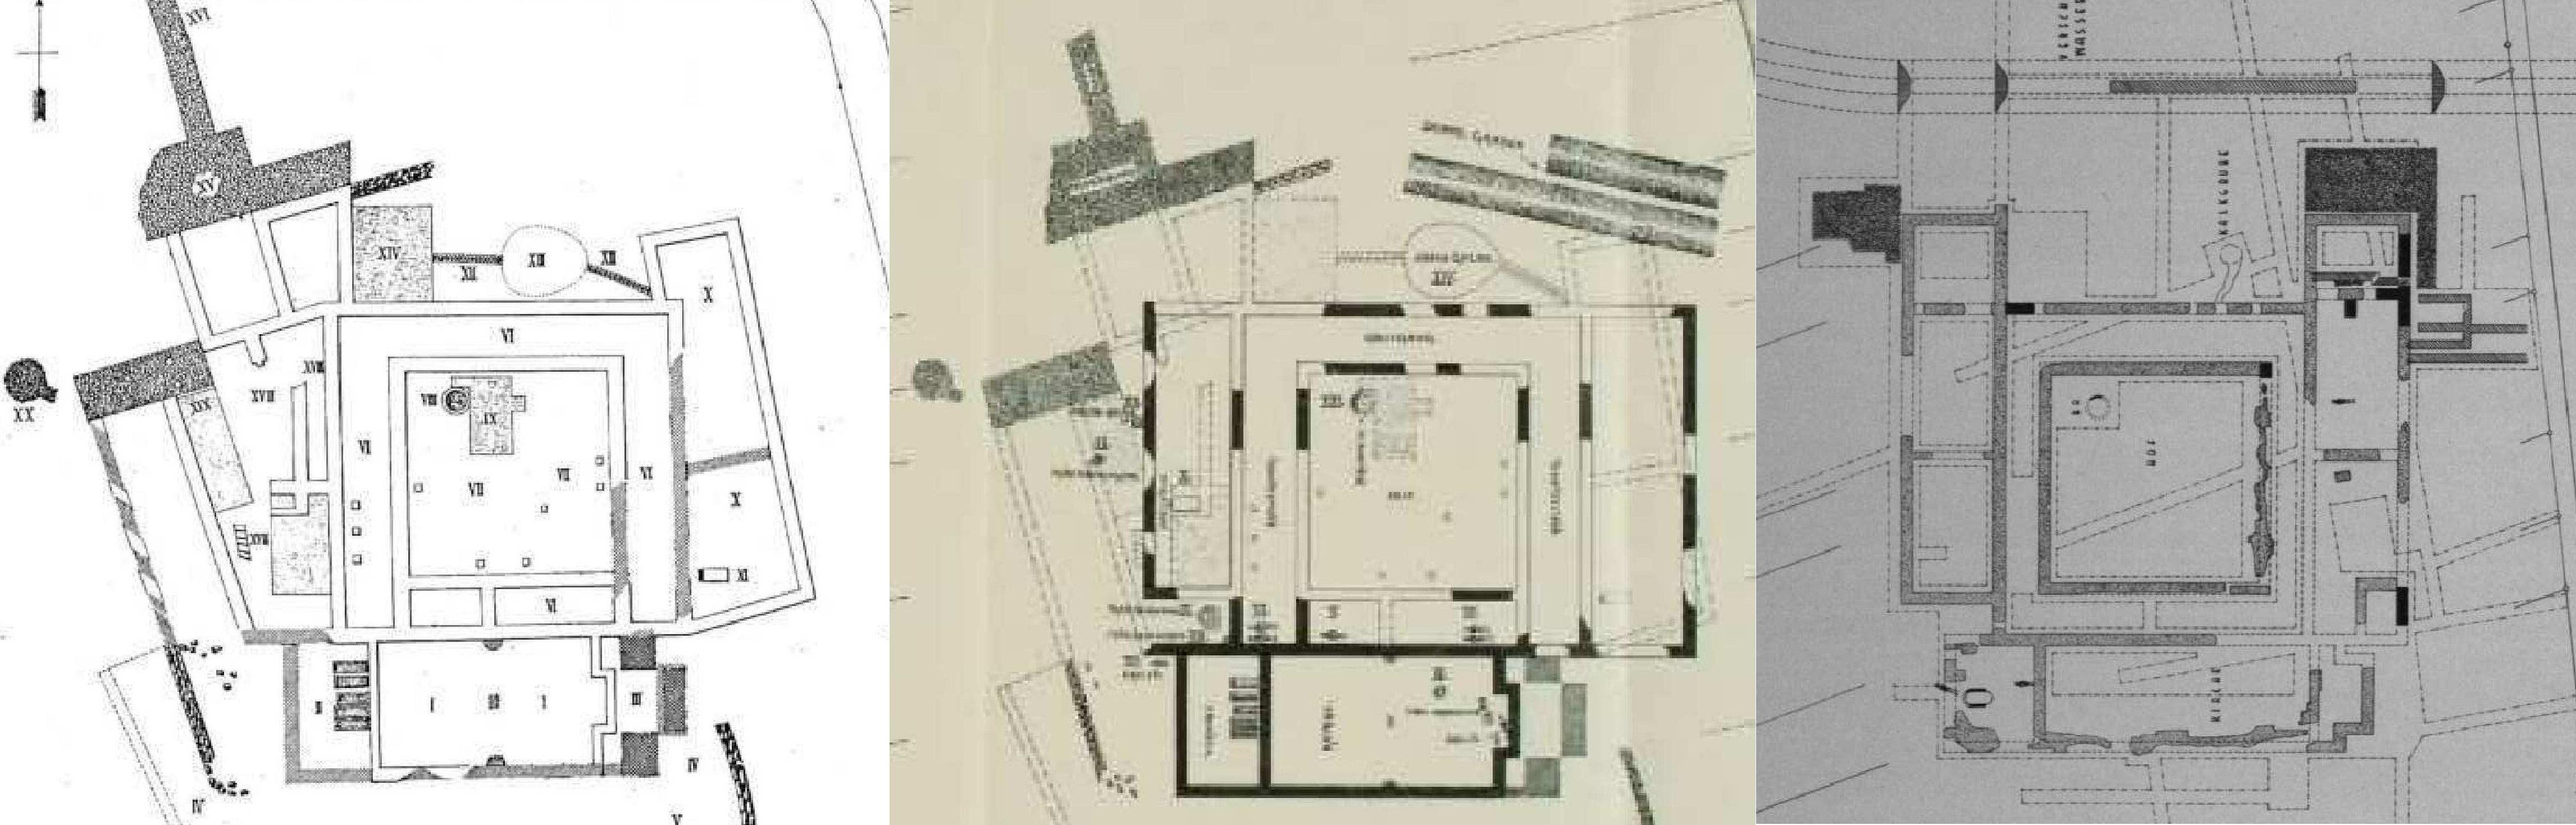 Abb. 1 Übersichtspläne der Ausgrabungsbefunde auf der Kreuzwiese. von links F. Kofler, mitte H. Giess, rechts F. Behn